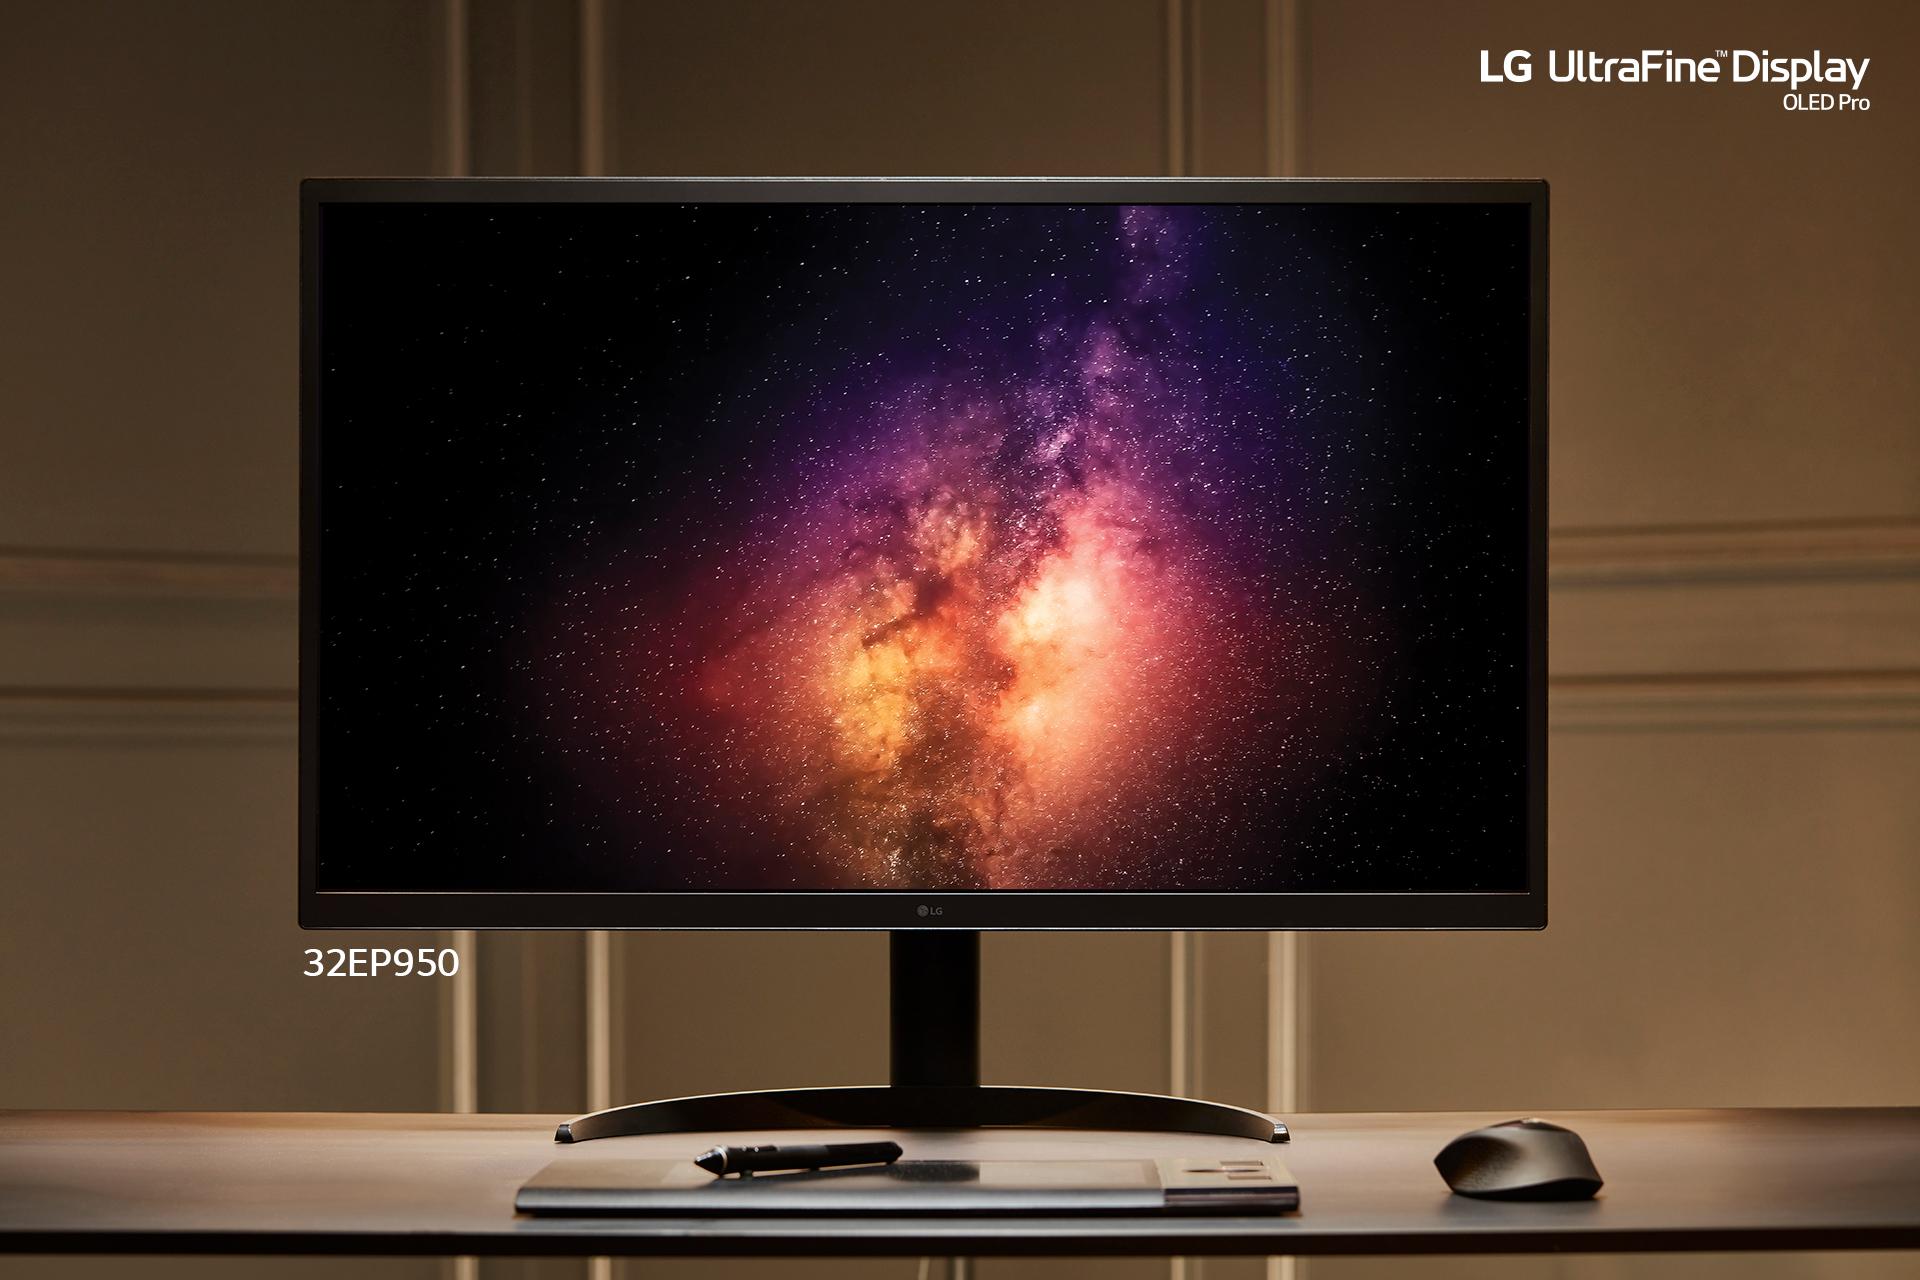 Mejorado y actualizado para el 2021, los monitores LG Ultra más recientes superan todas las expectativas